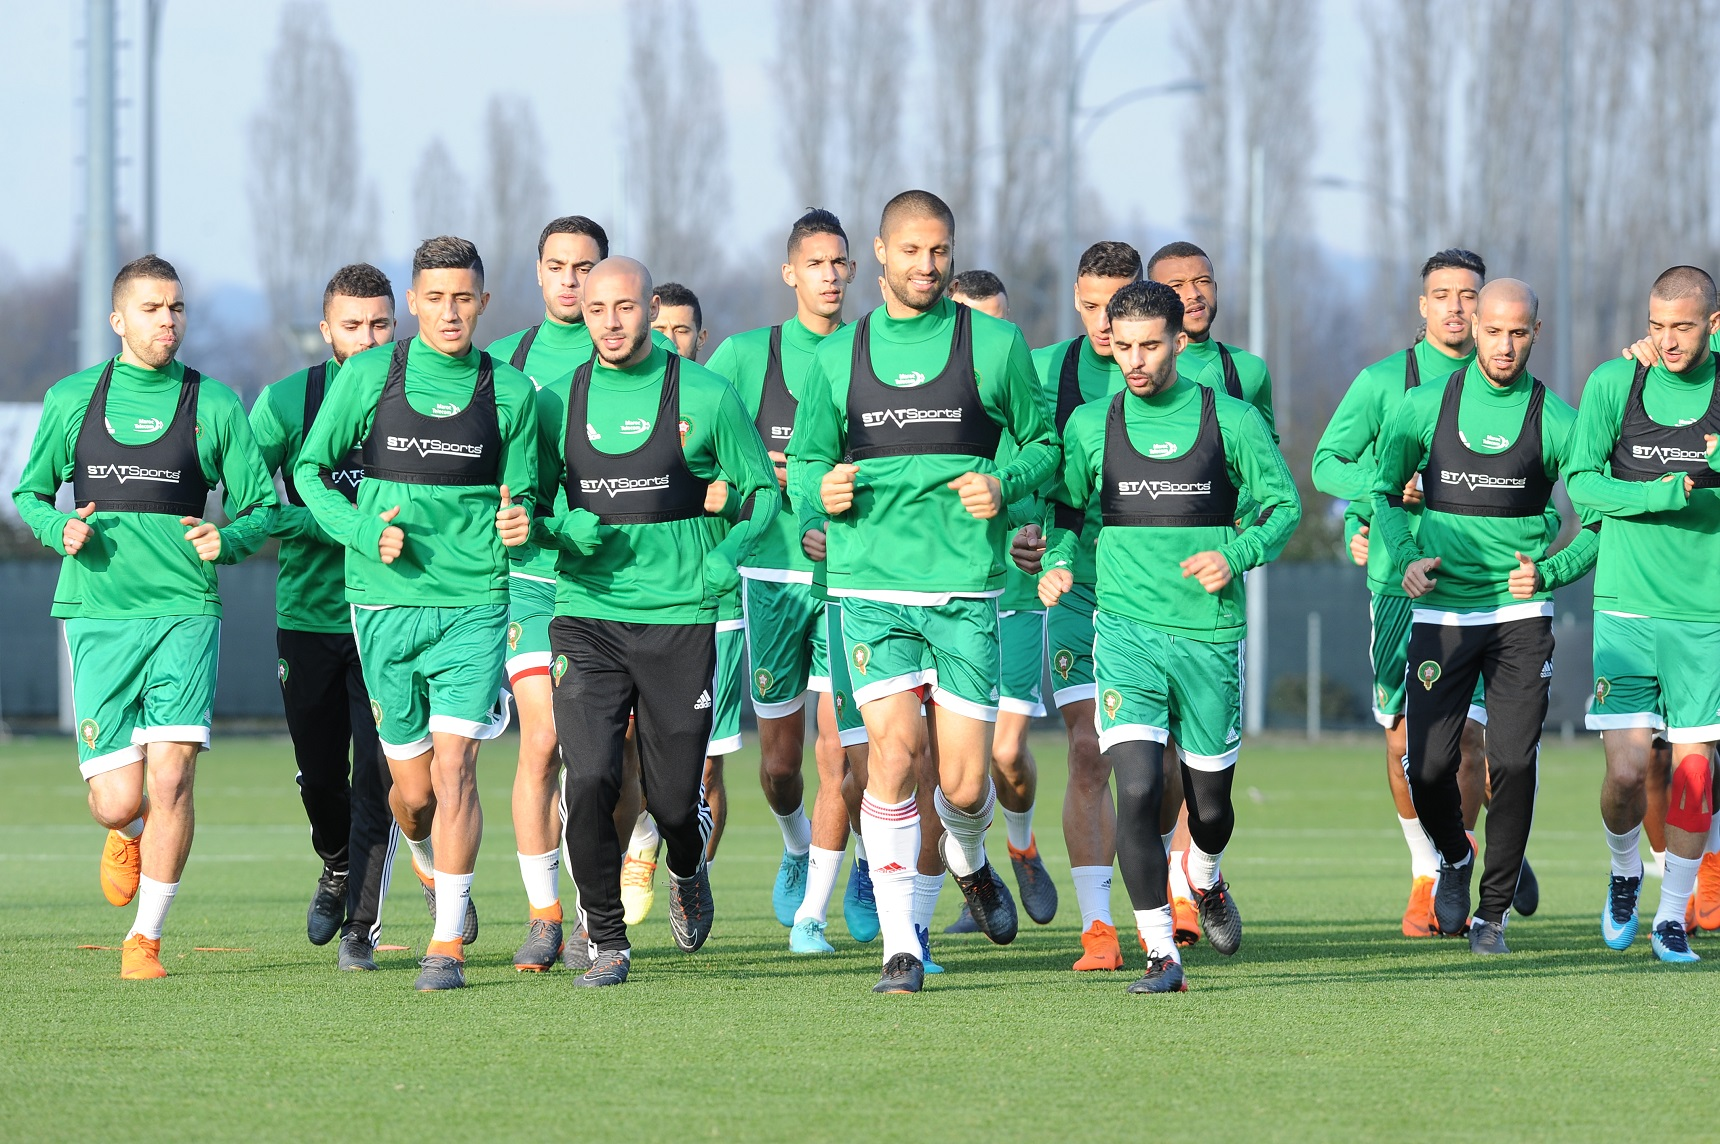 摩洛哥国家队25人名单:华夏幸福外援卡埃比入选